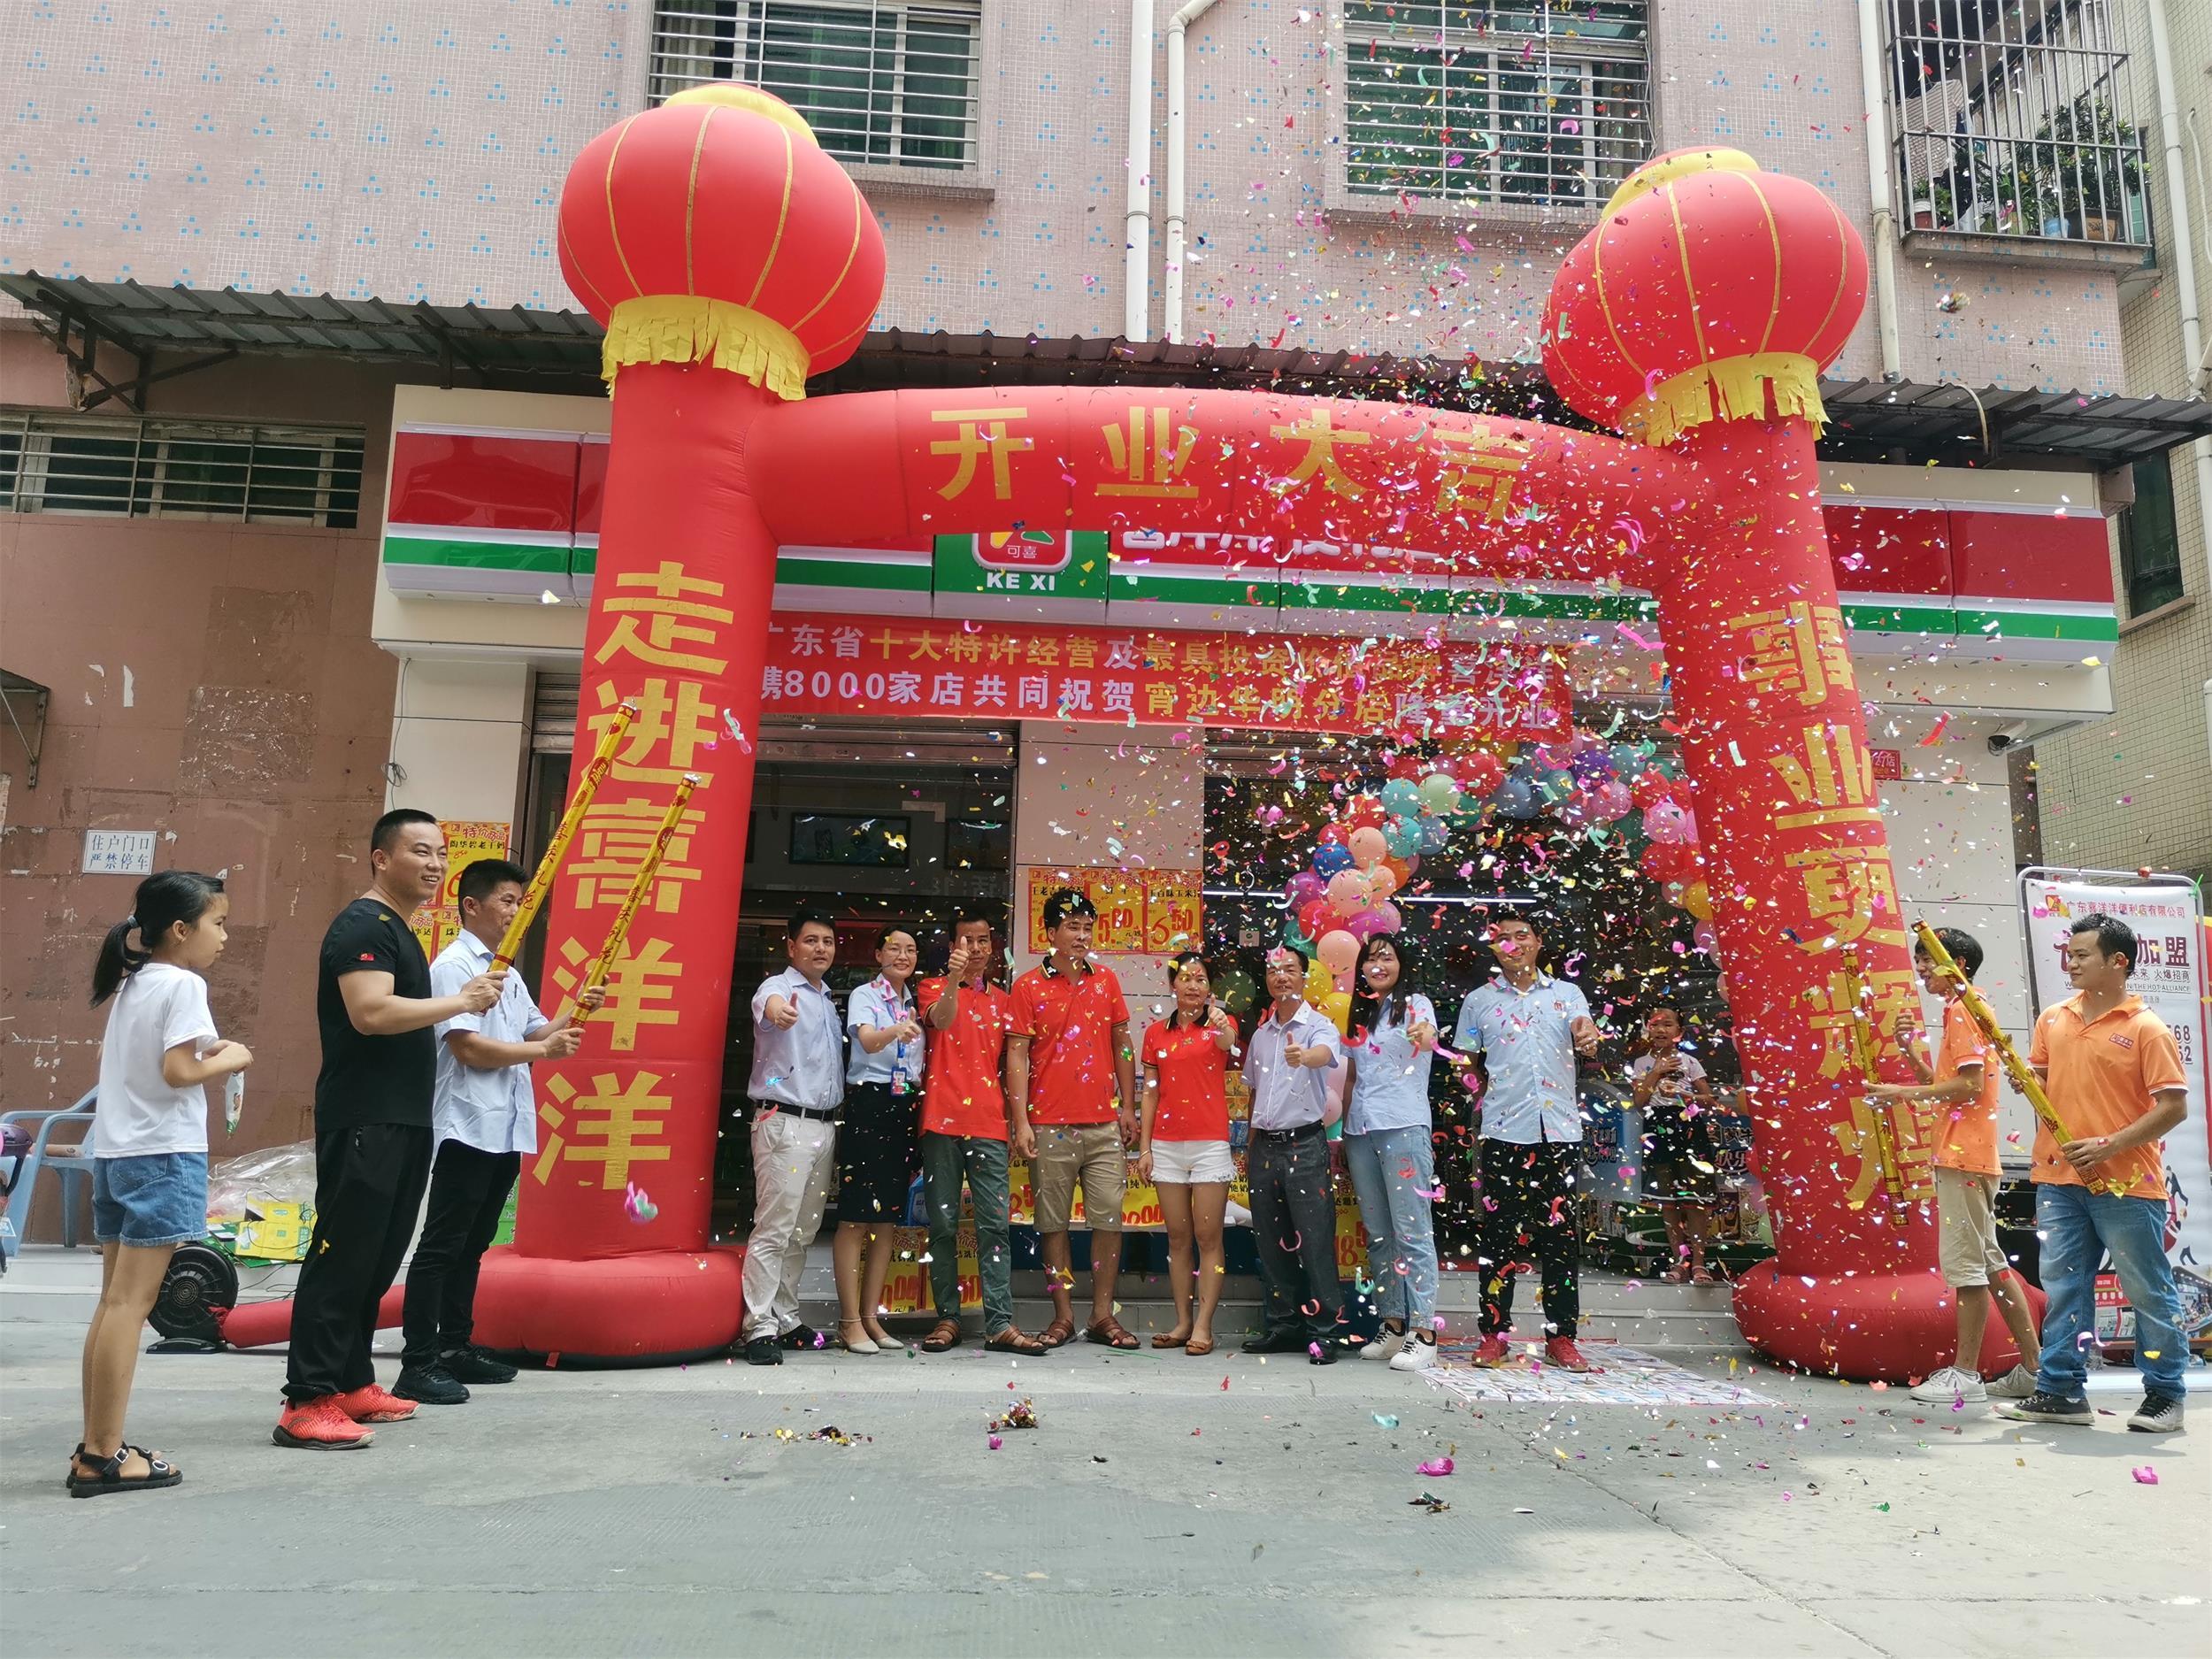 喜洋洋便利店长安华明分店9月14日隆重开业